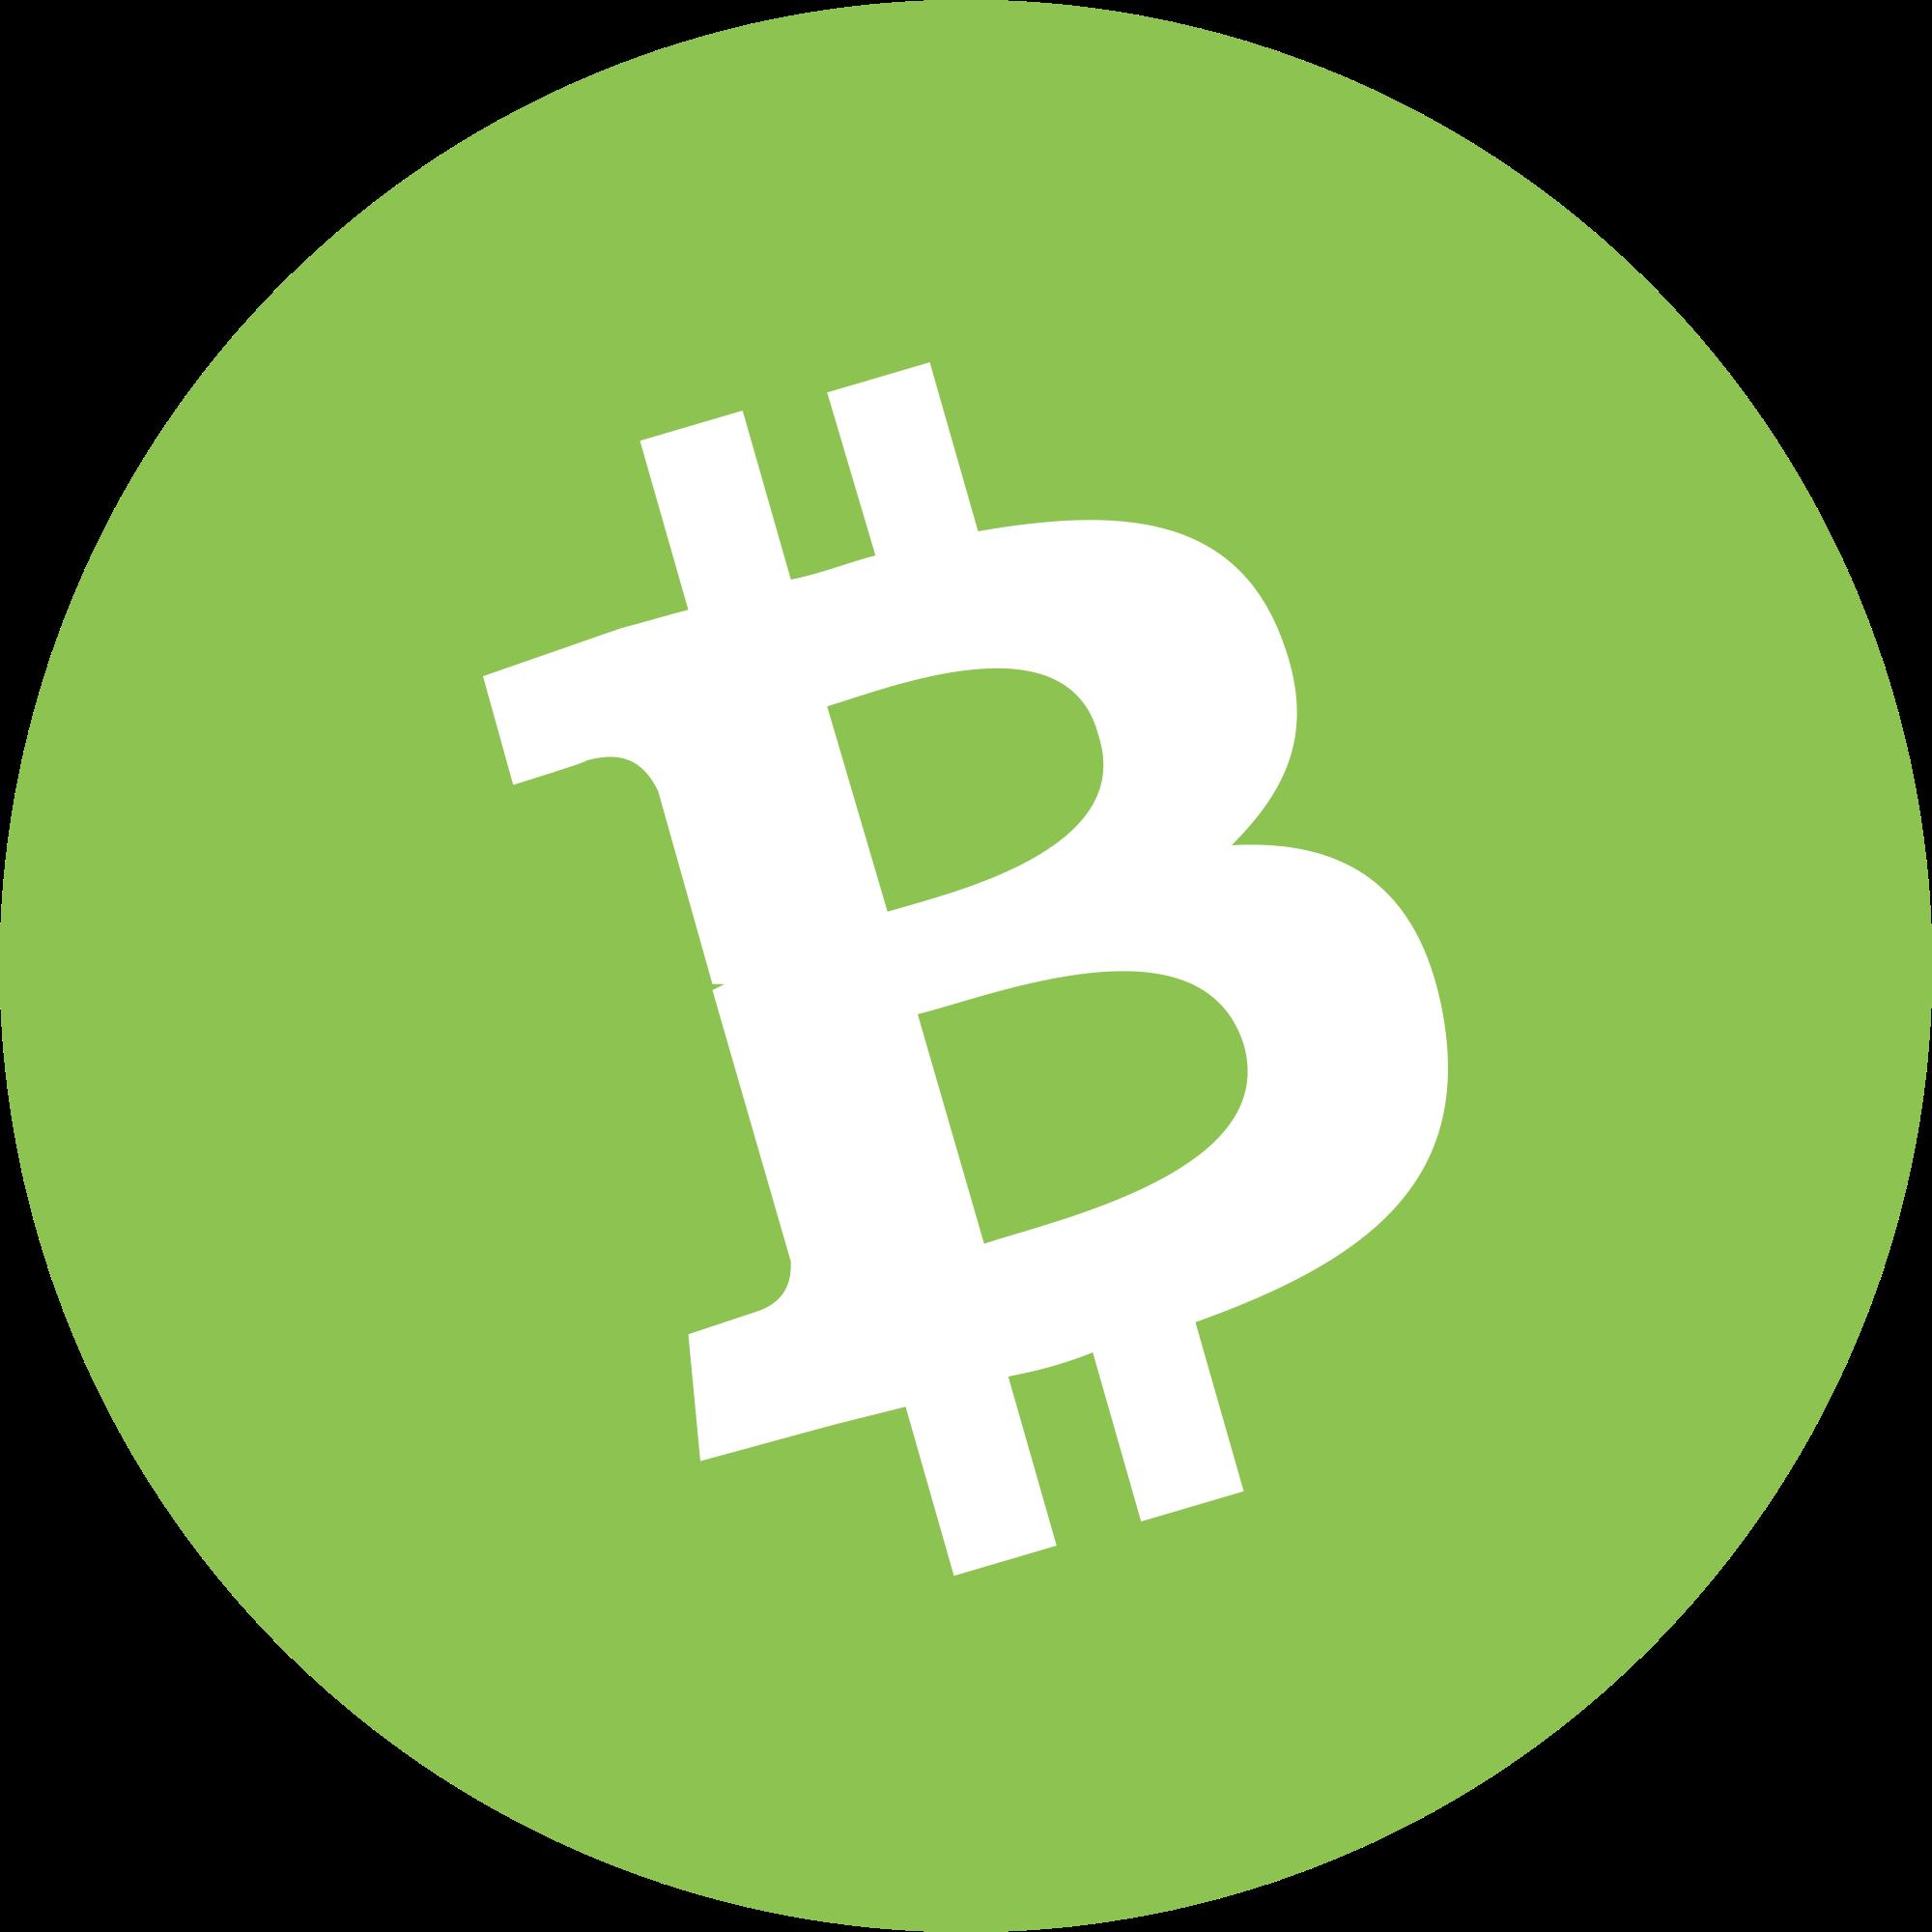 bitcoin-cash logo